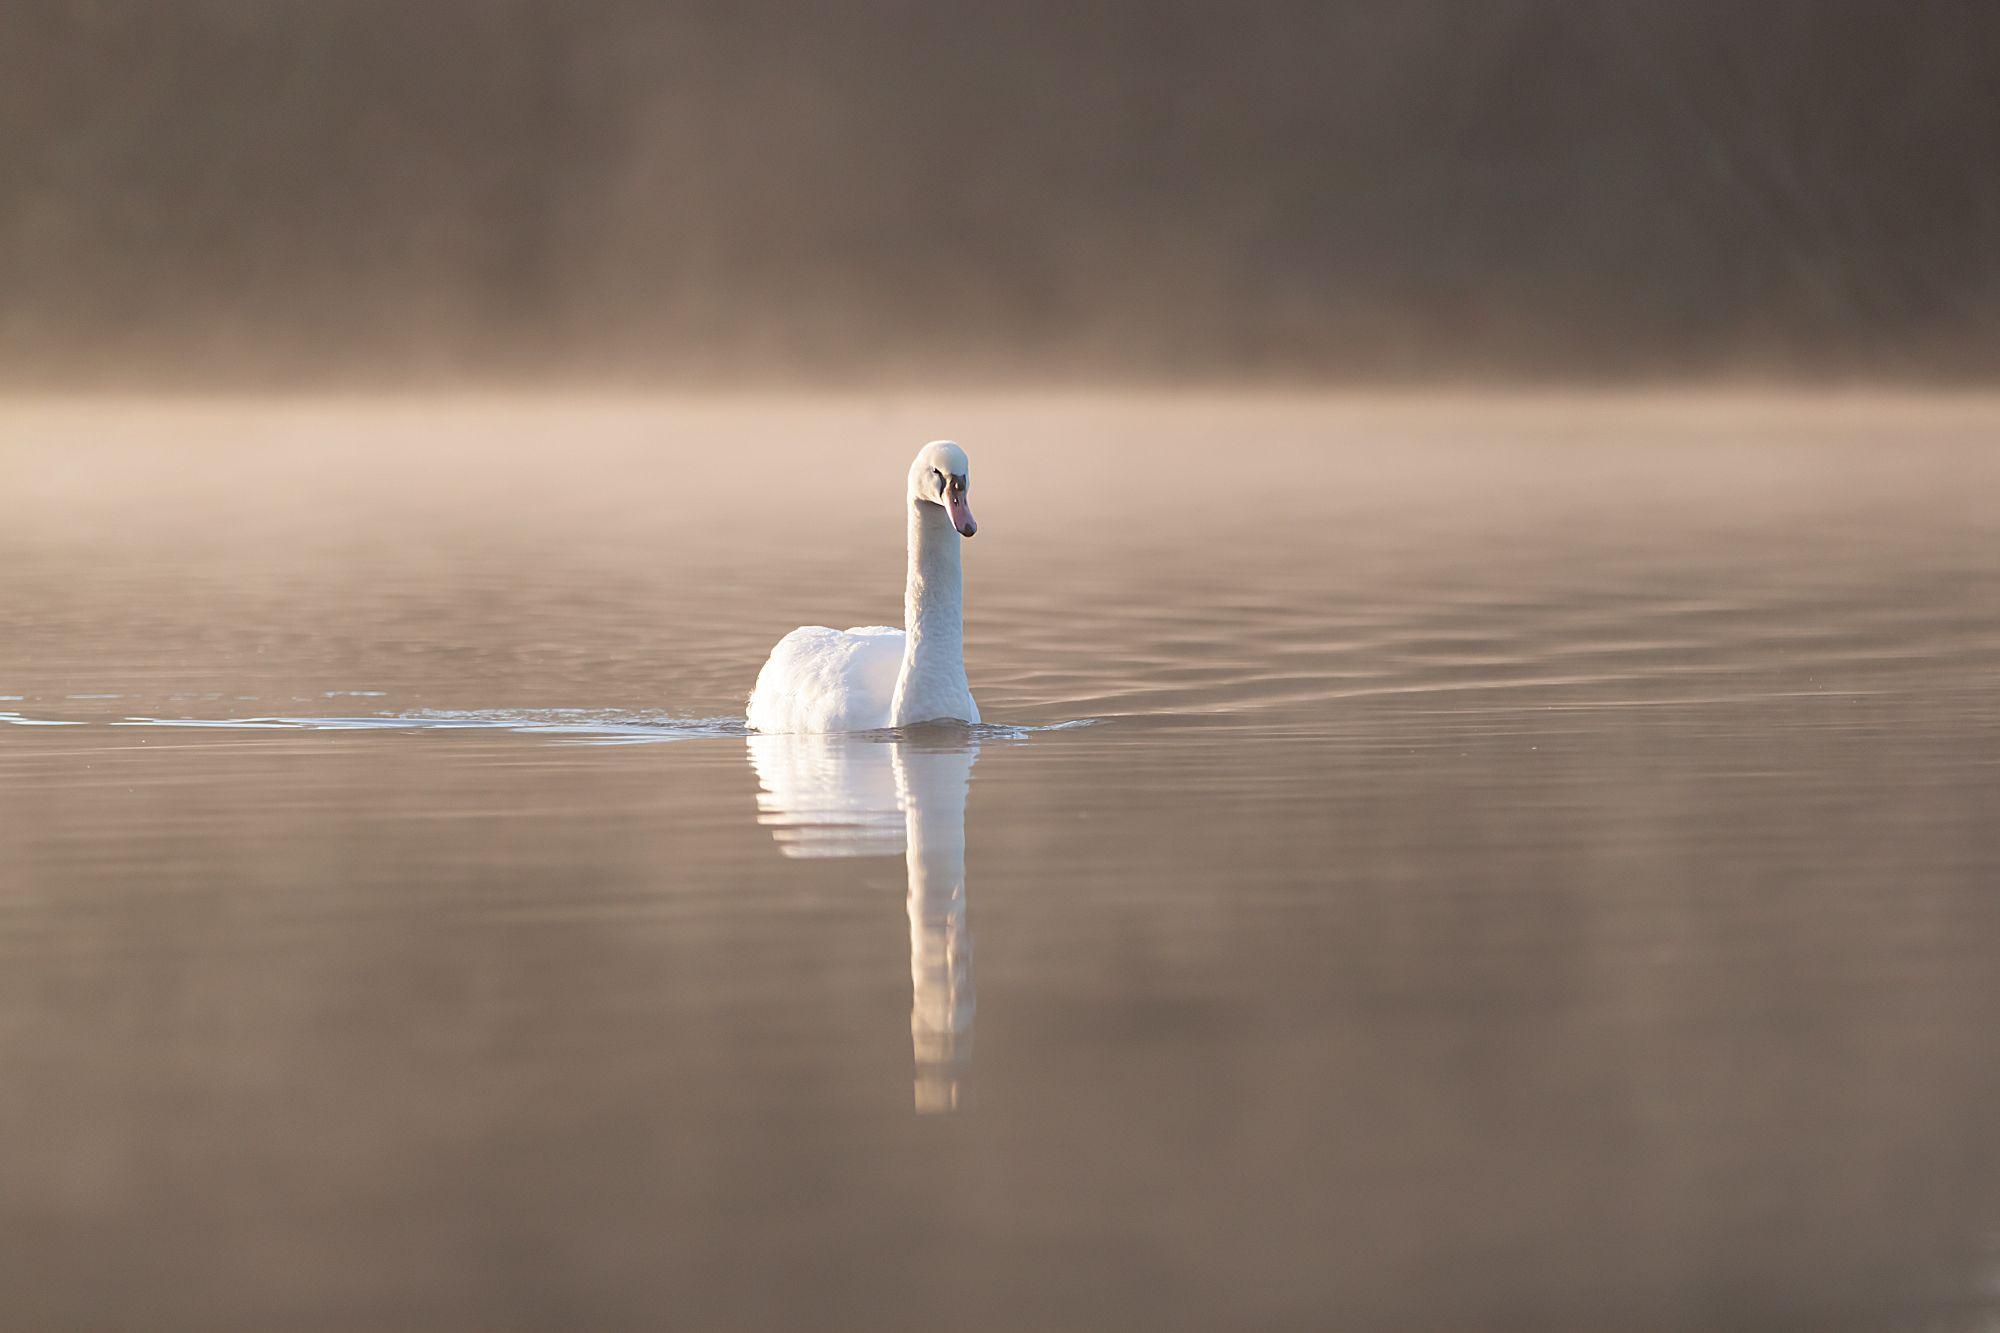 A single swan floating across still water